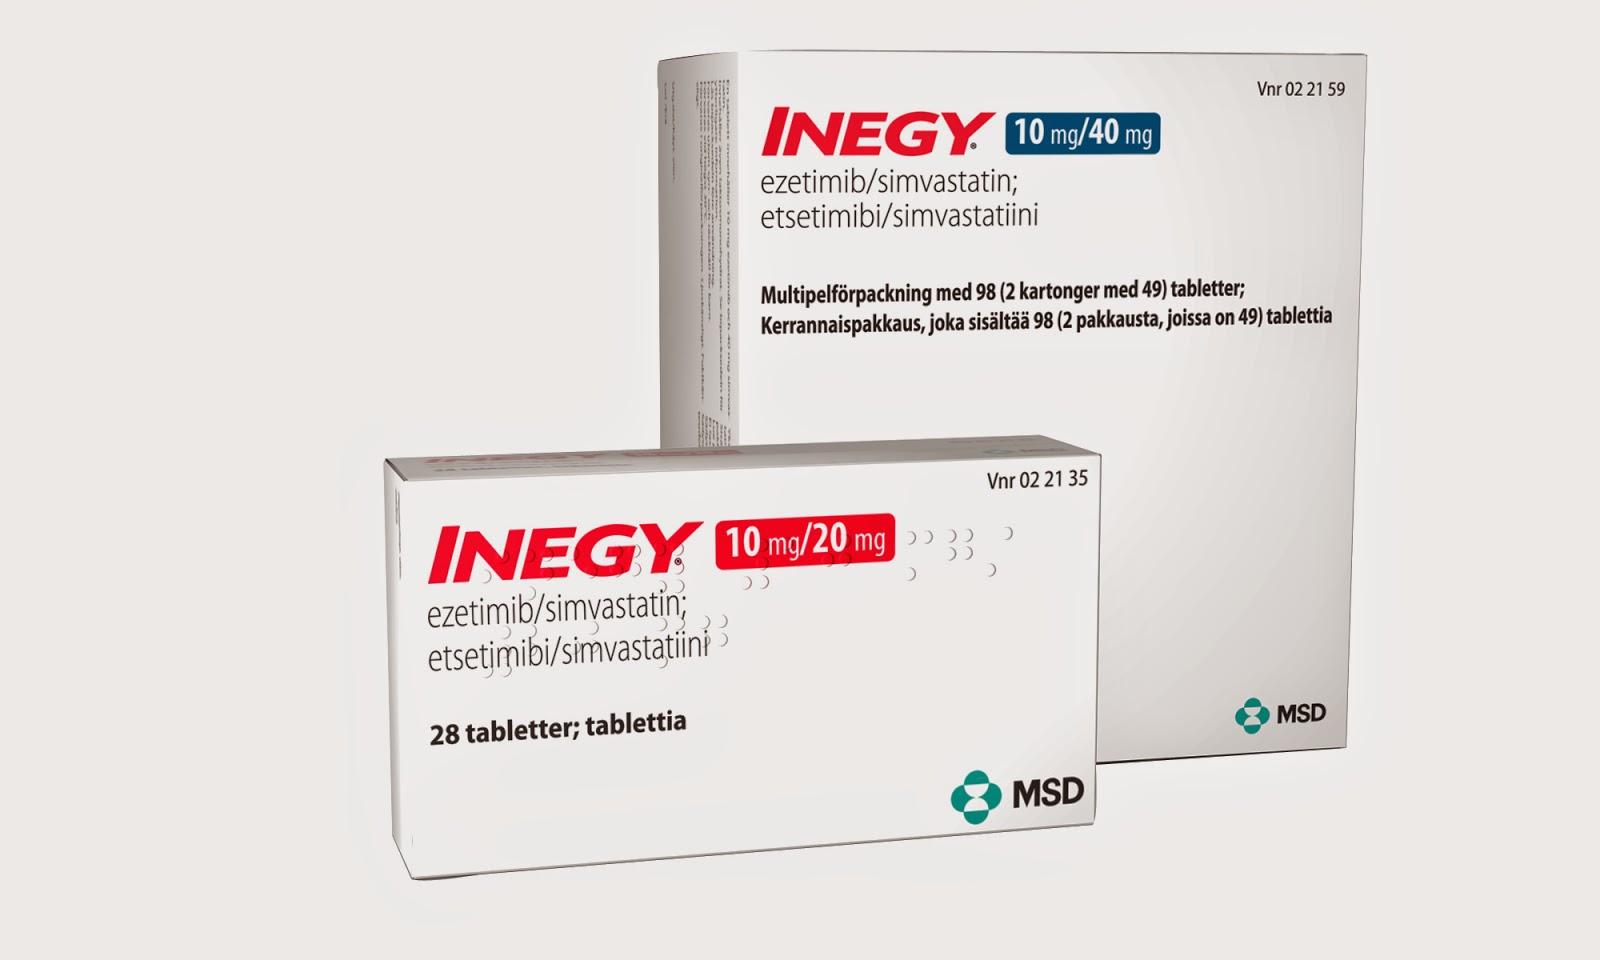 إينجي,ازيتيمب,سيمفاستاتين,simvastatin,Ezetimibe,الكوليسترول,cholesterol,inegy